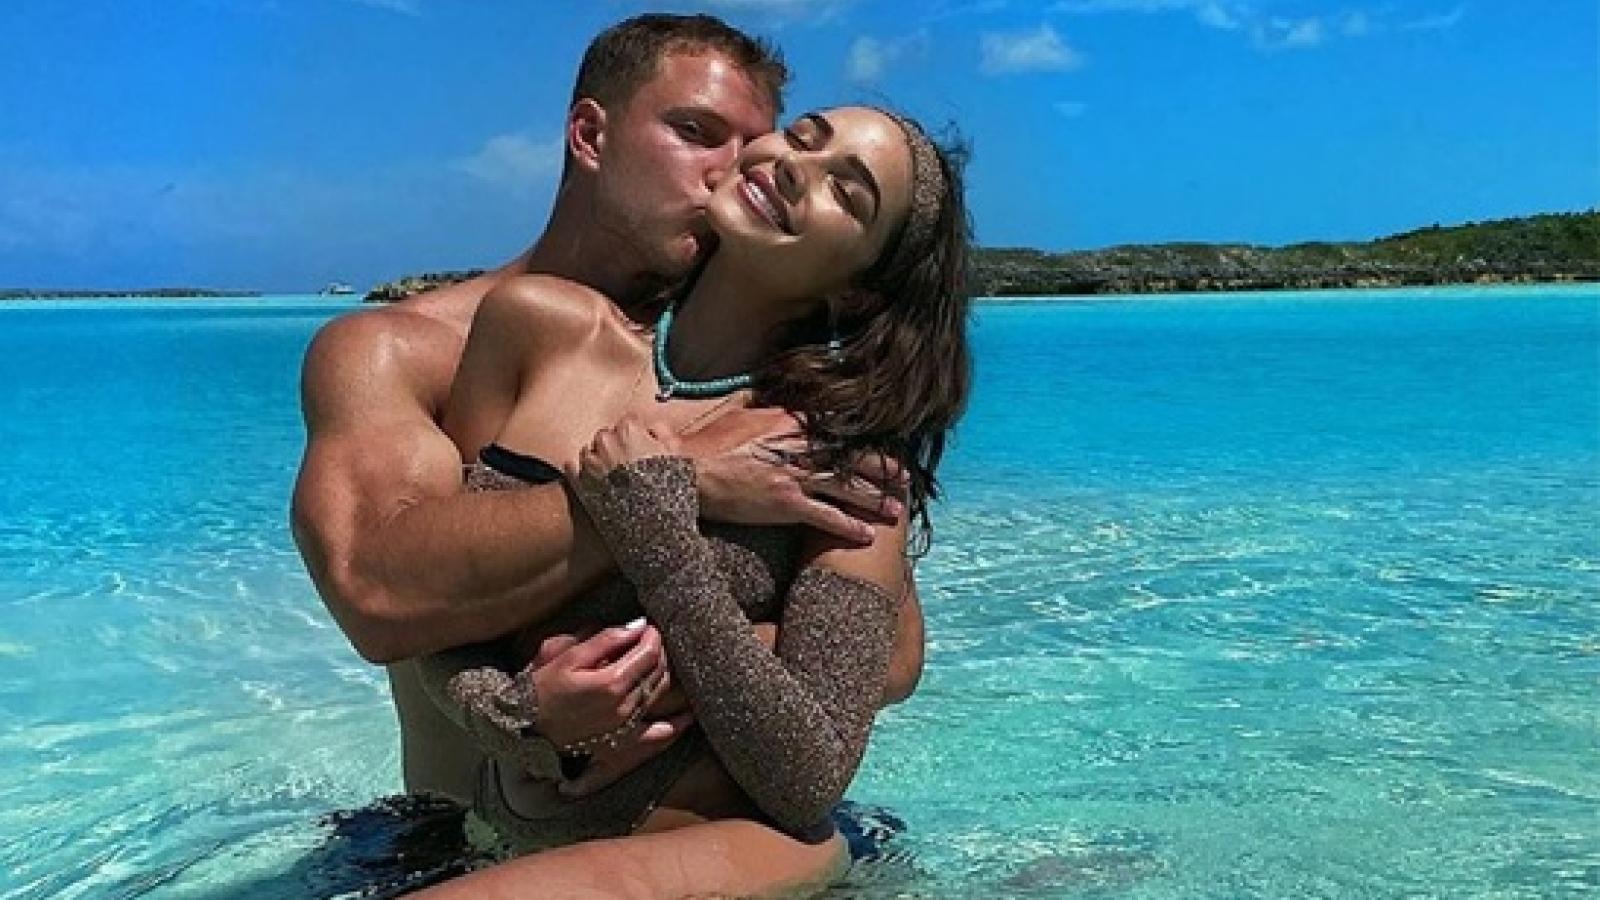 Hoa hậu Olivia Culpo nóng bỏng ôm bạn trai kém tuổi giữa biển